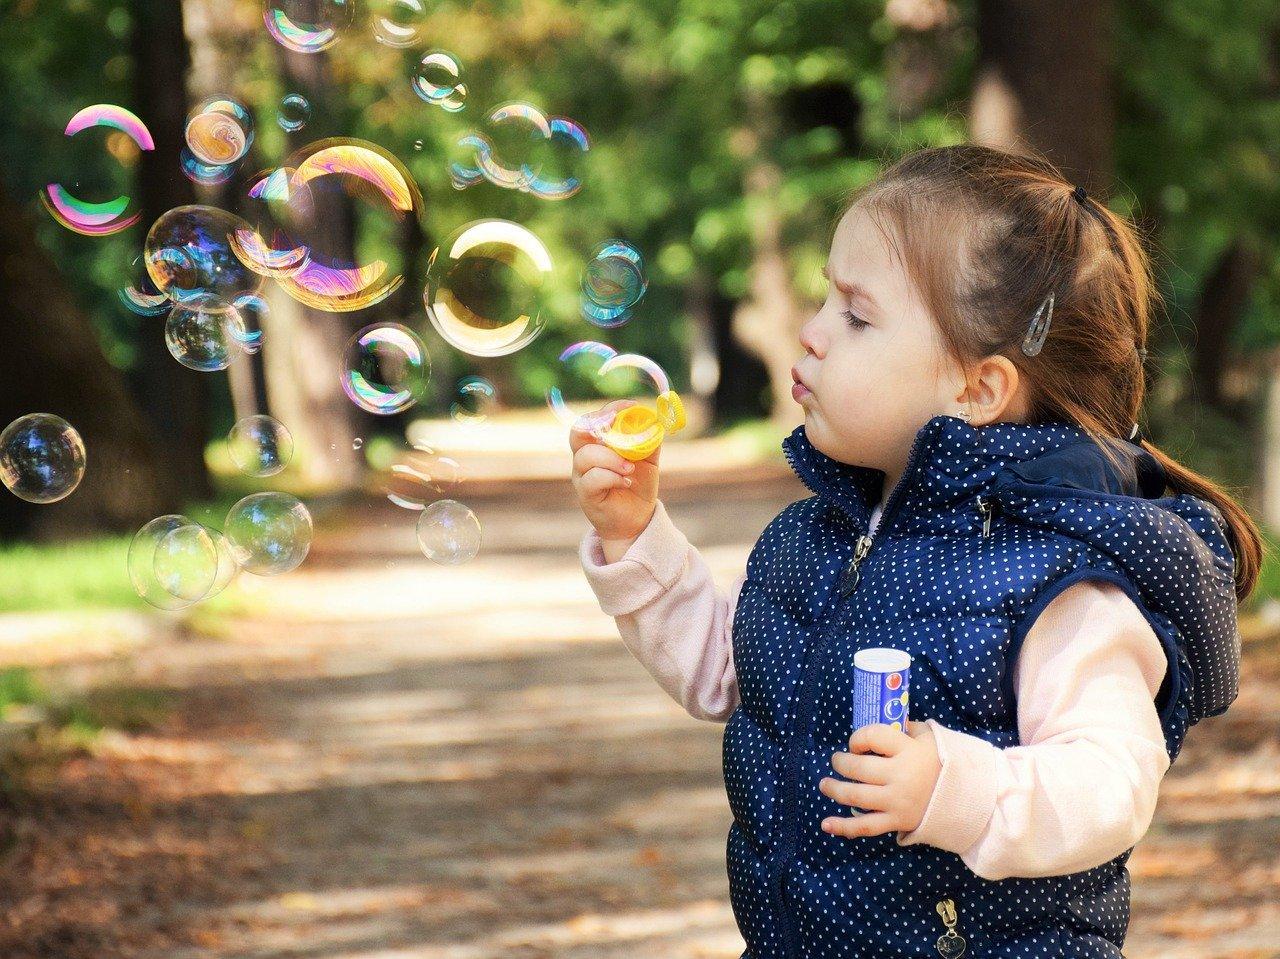 Фото Полезная каша сохранит здоровое сердце у ребёнка: врач дал советы родителям 2